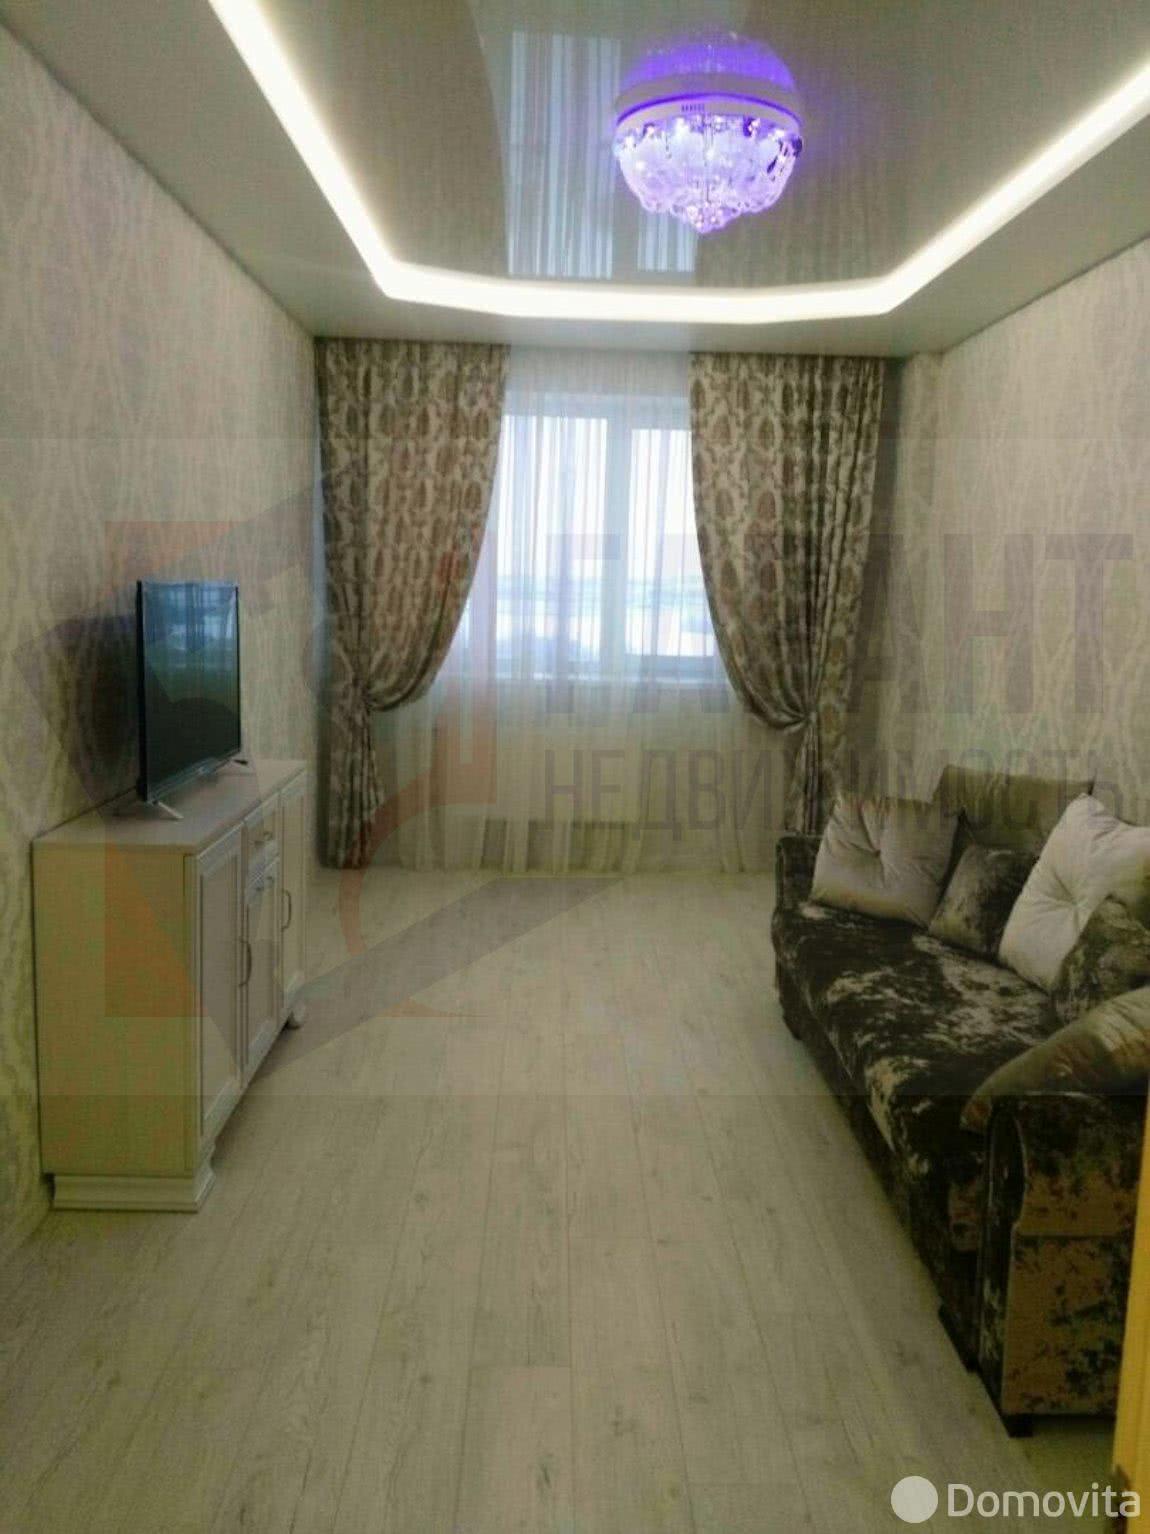 Аренда 1-комнатной квартиры в Минске, ул. Академика Карского, д. 27 - фото 4